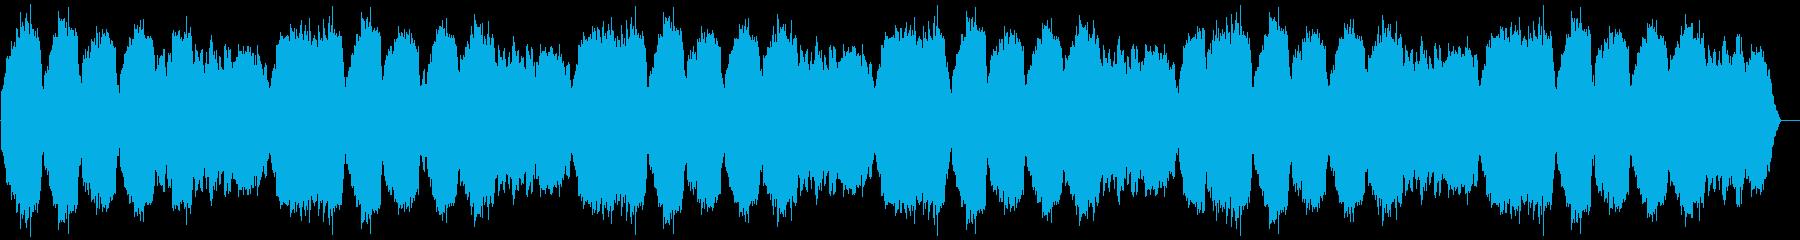 綺麗に響くシリアスなメロディーの再生済みの波形